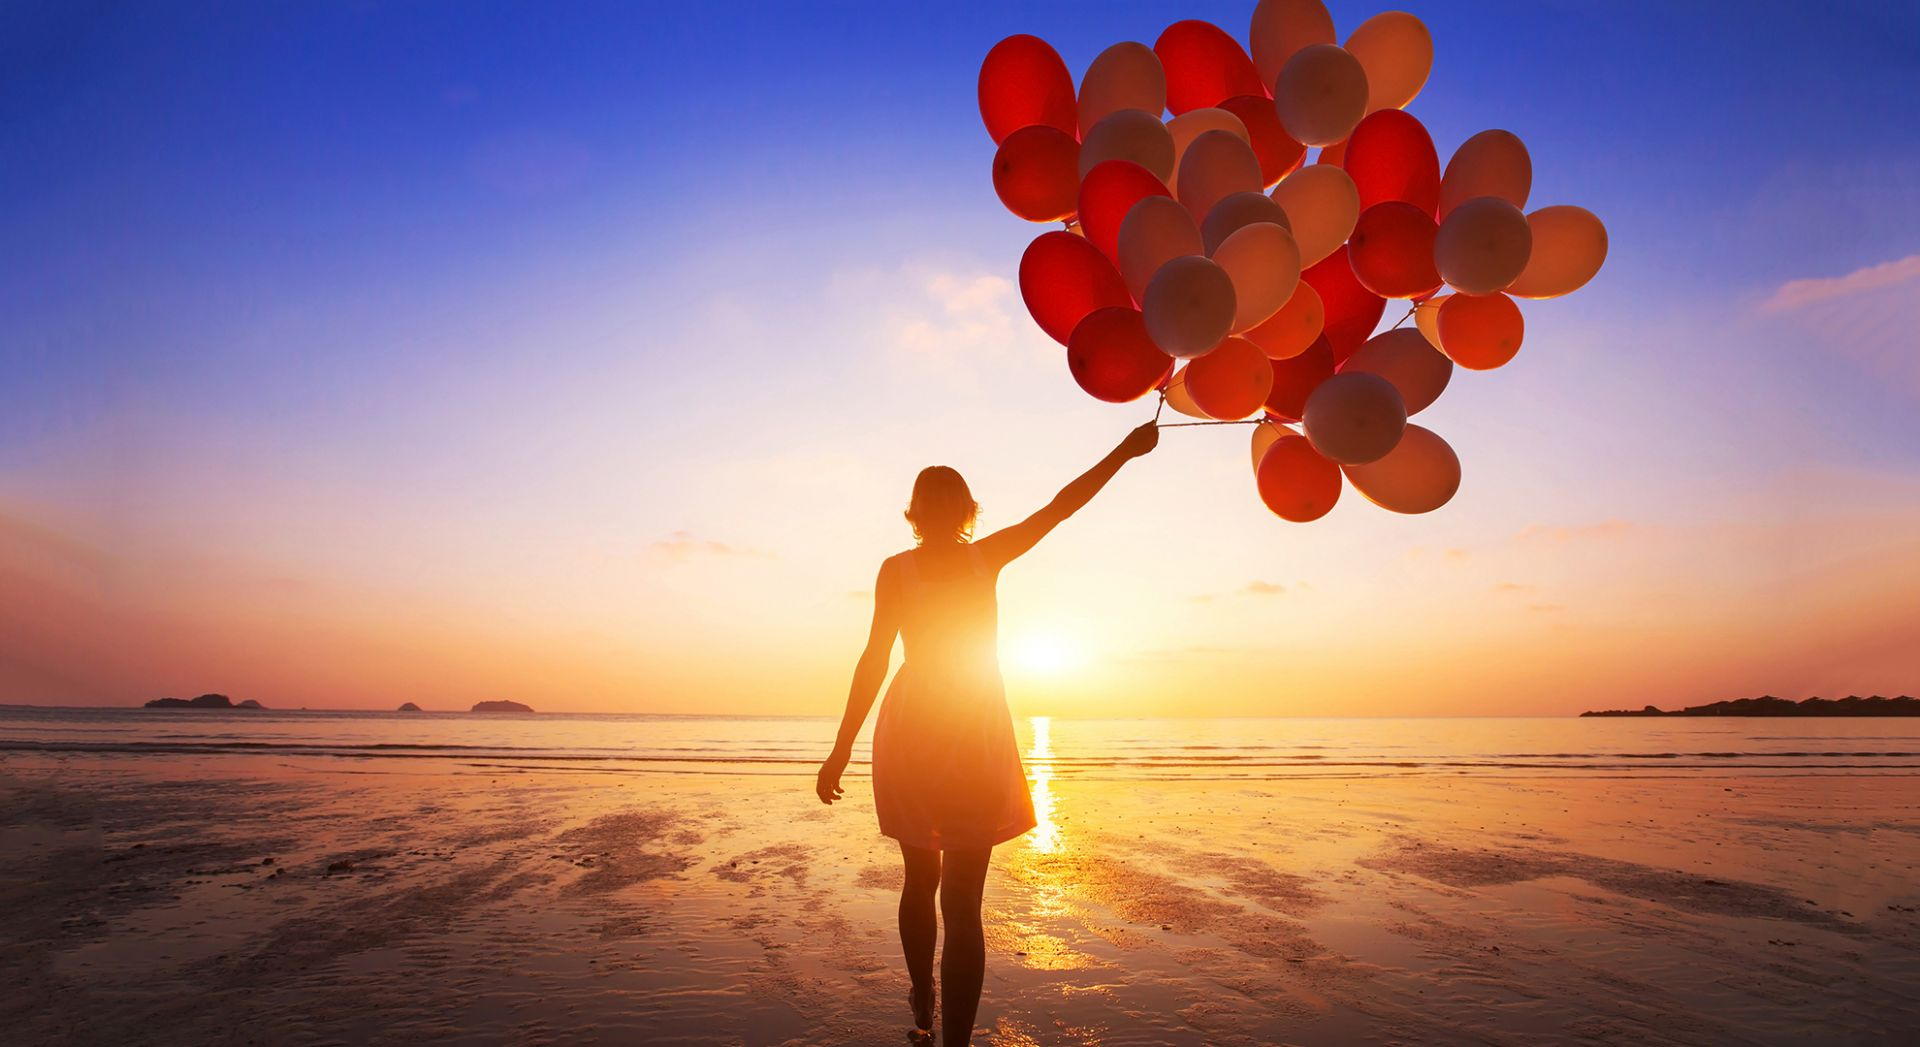 nainen kävelee auringonlaskua kohti iso ilmapallokimppu kädessä